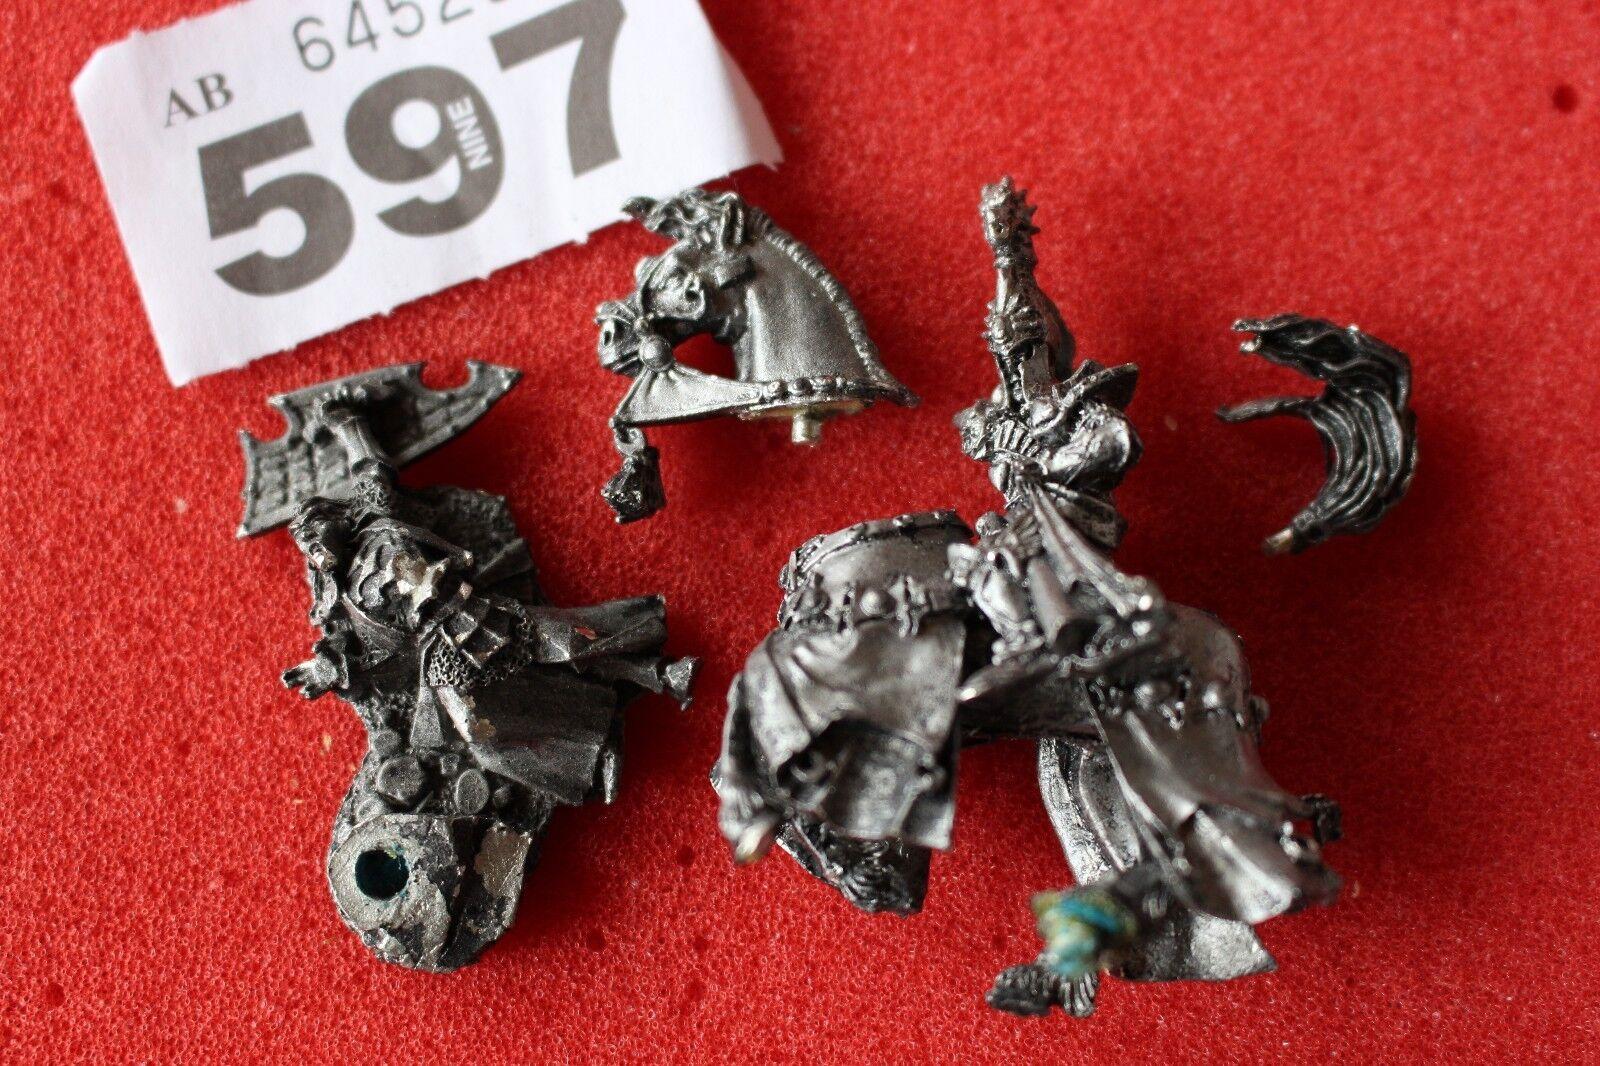 Games Workshop Warhammer Hauts Elfes Prince Tyrion monté elfes fantasy metal Épuisé